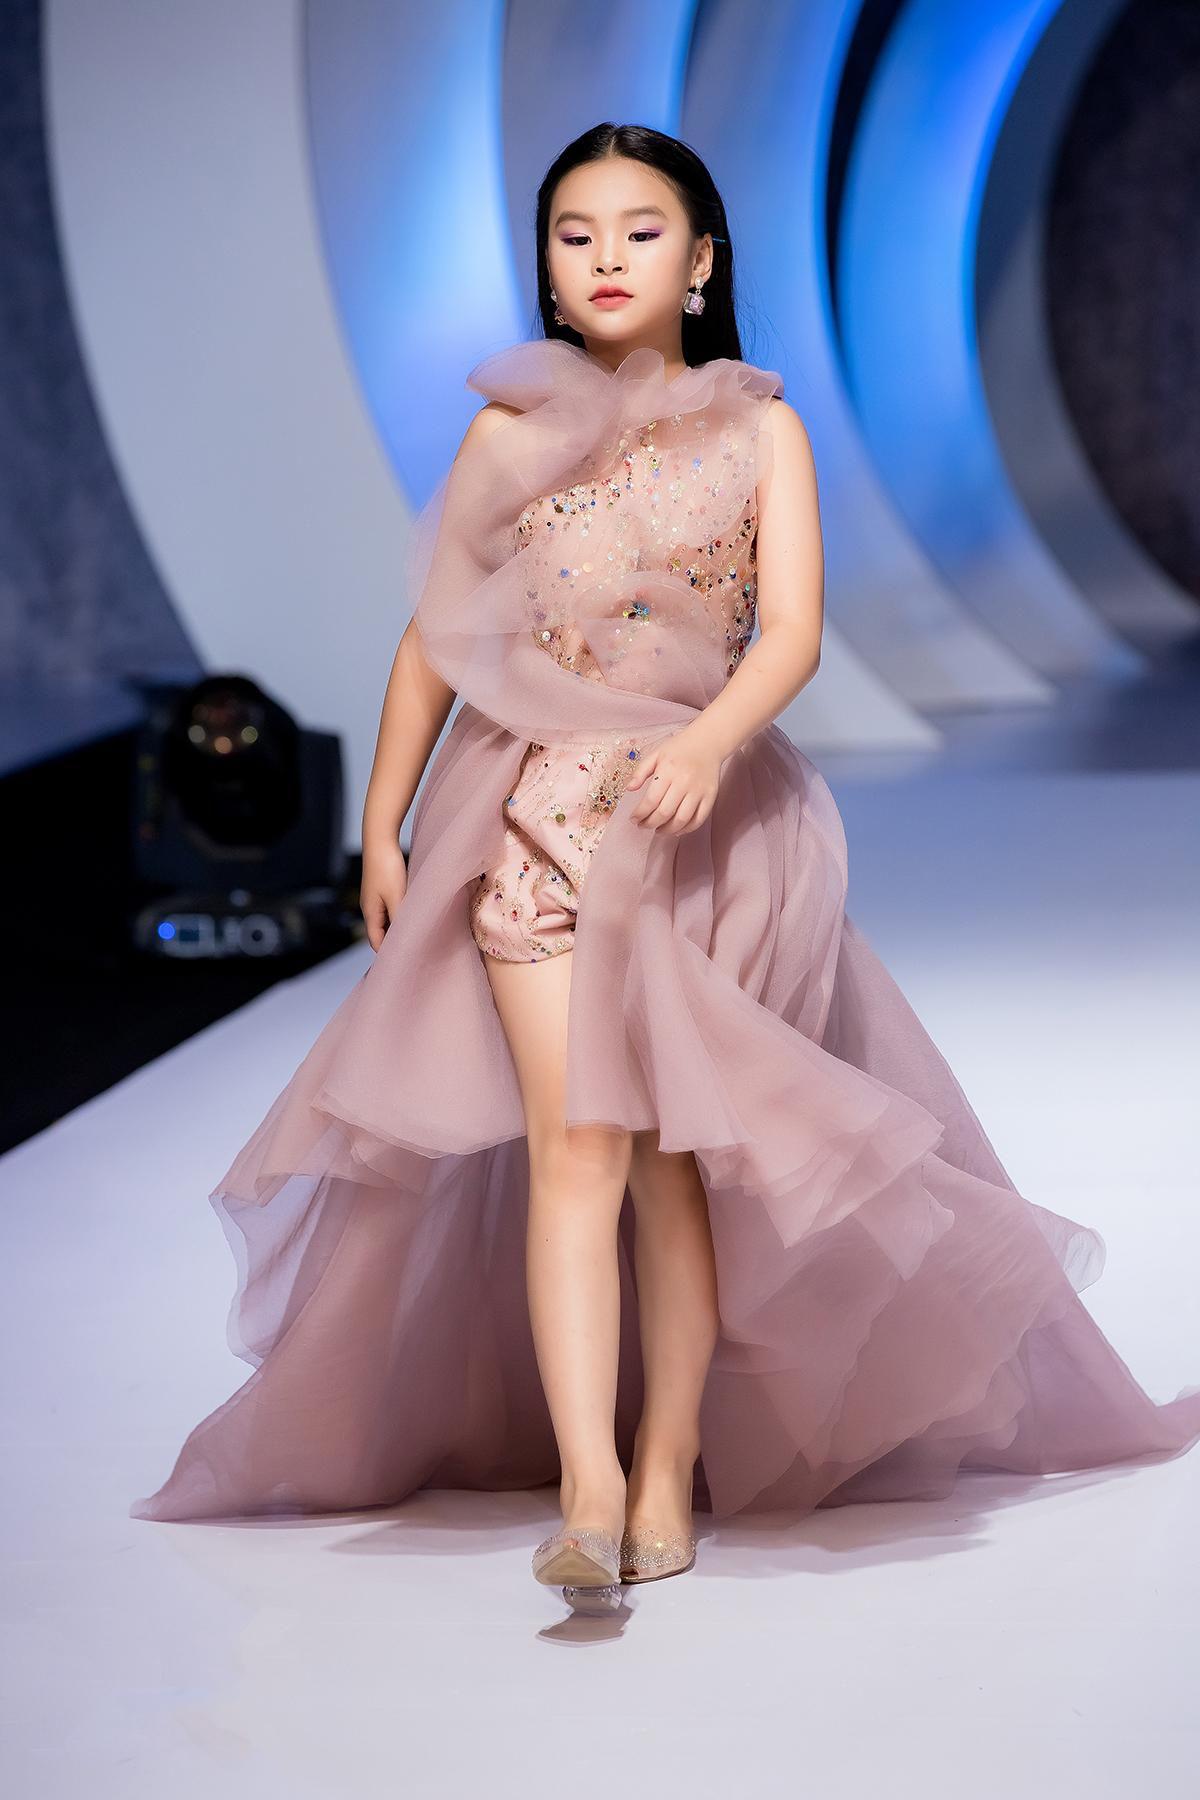 Mẫu nhí 9 tuổi song kiếm hợp bích siêu mẫu Bùi Quỳnh Hoa 'quét sạch' sàn catwalk Ảnh 4